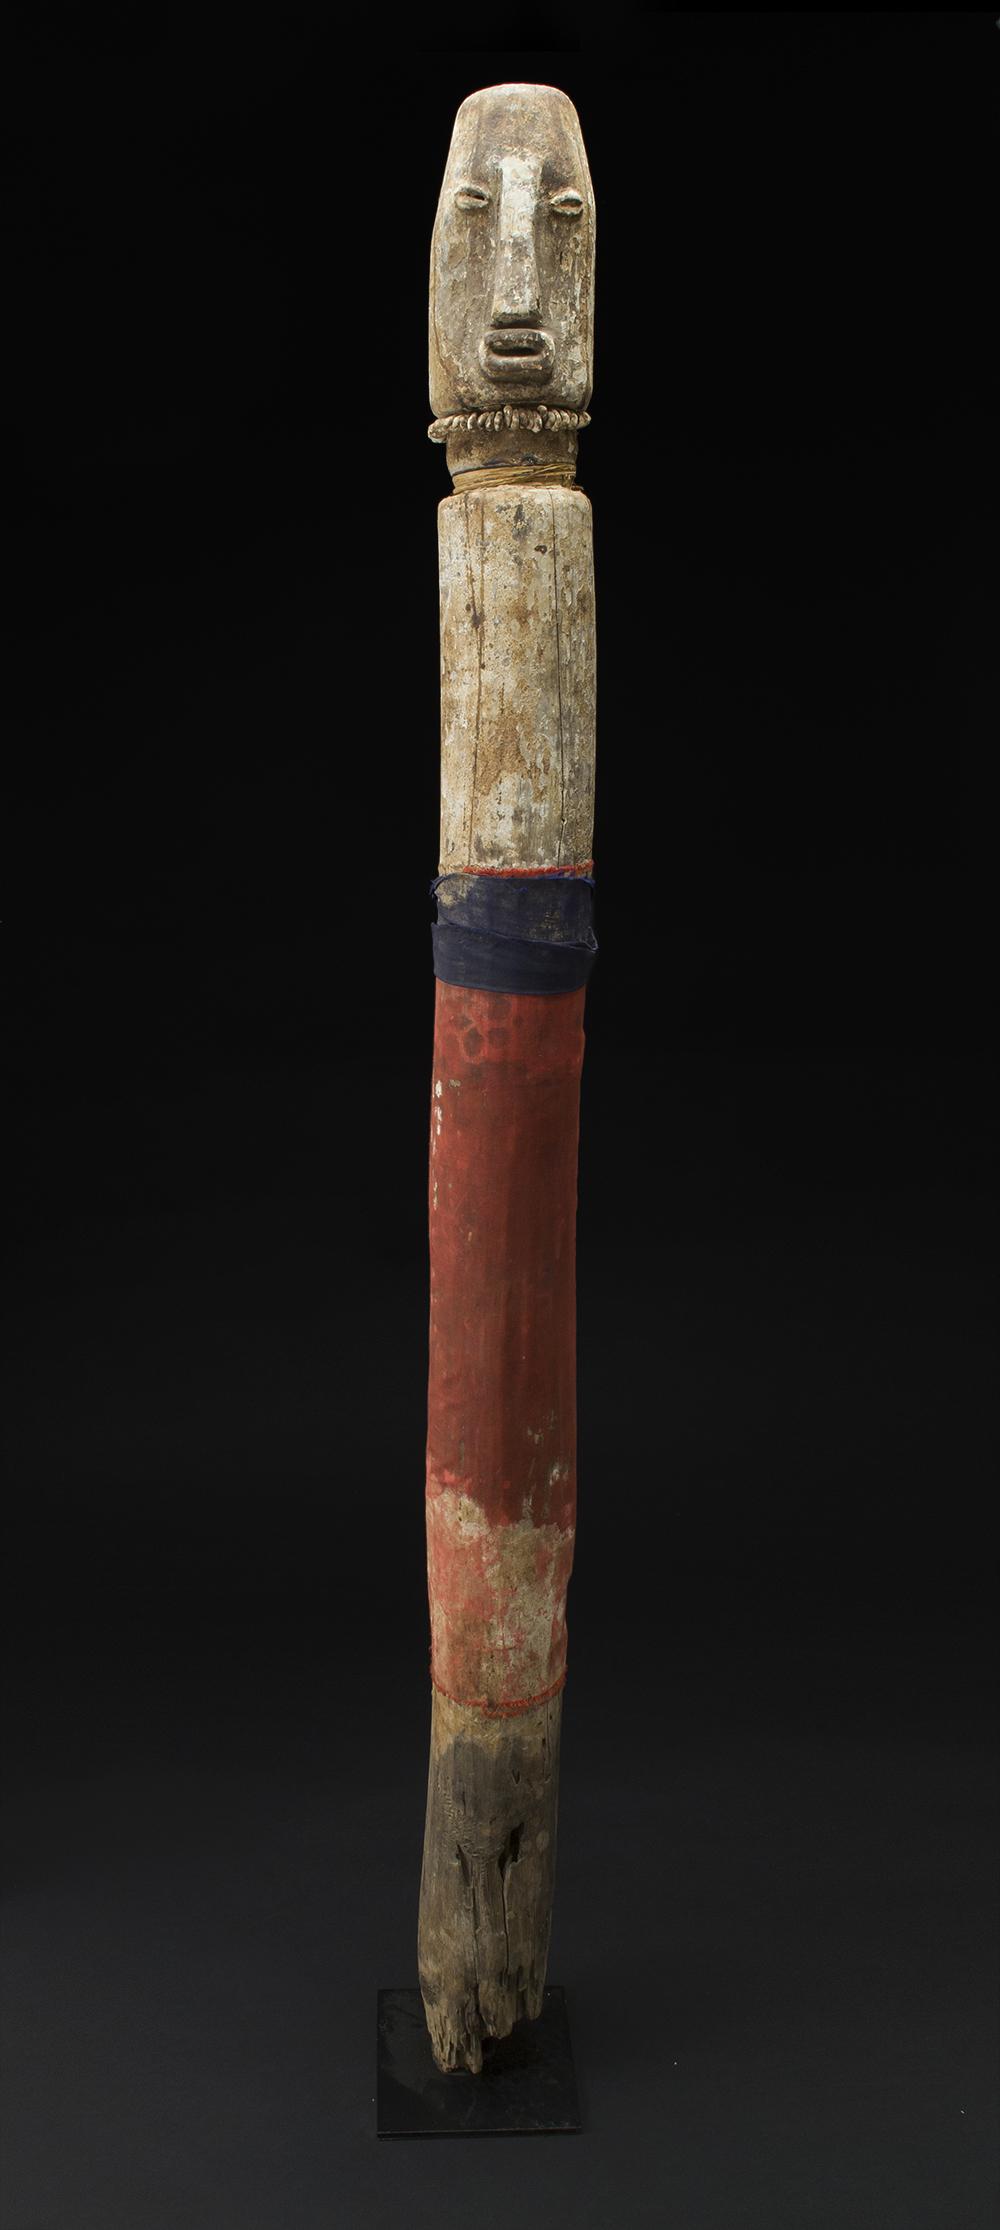 Africa,   Bocio - Adan/Ewe People - Togo  , 1970,Wood,58 x 4.5 x 4.5 inches,147.3 x 11.4 x 11.4 cm,Af 284